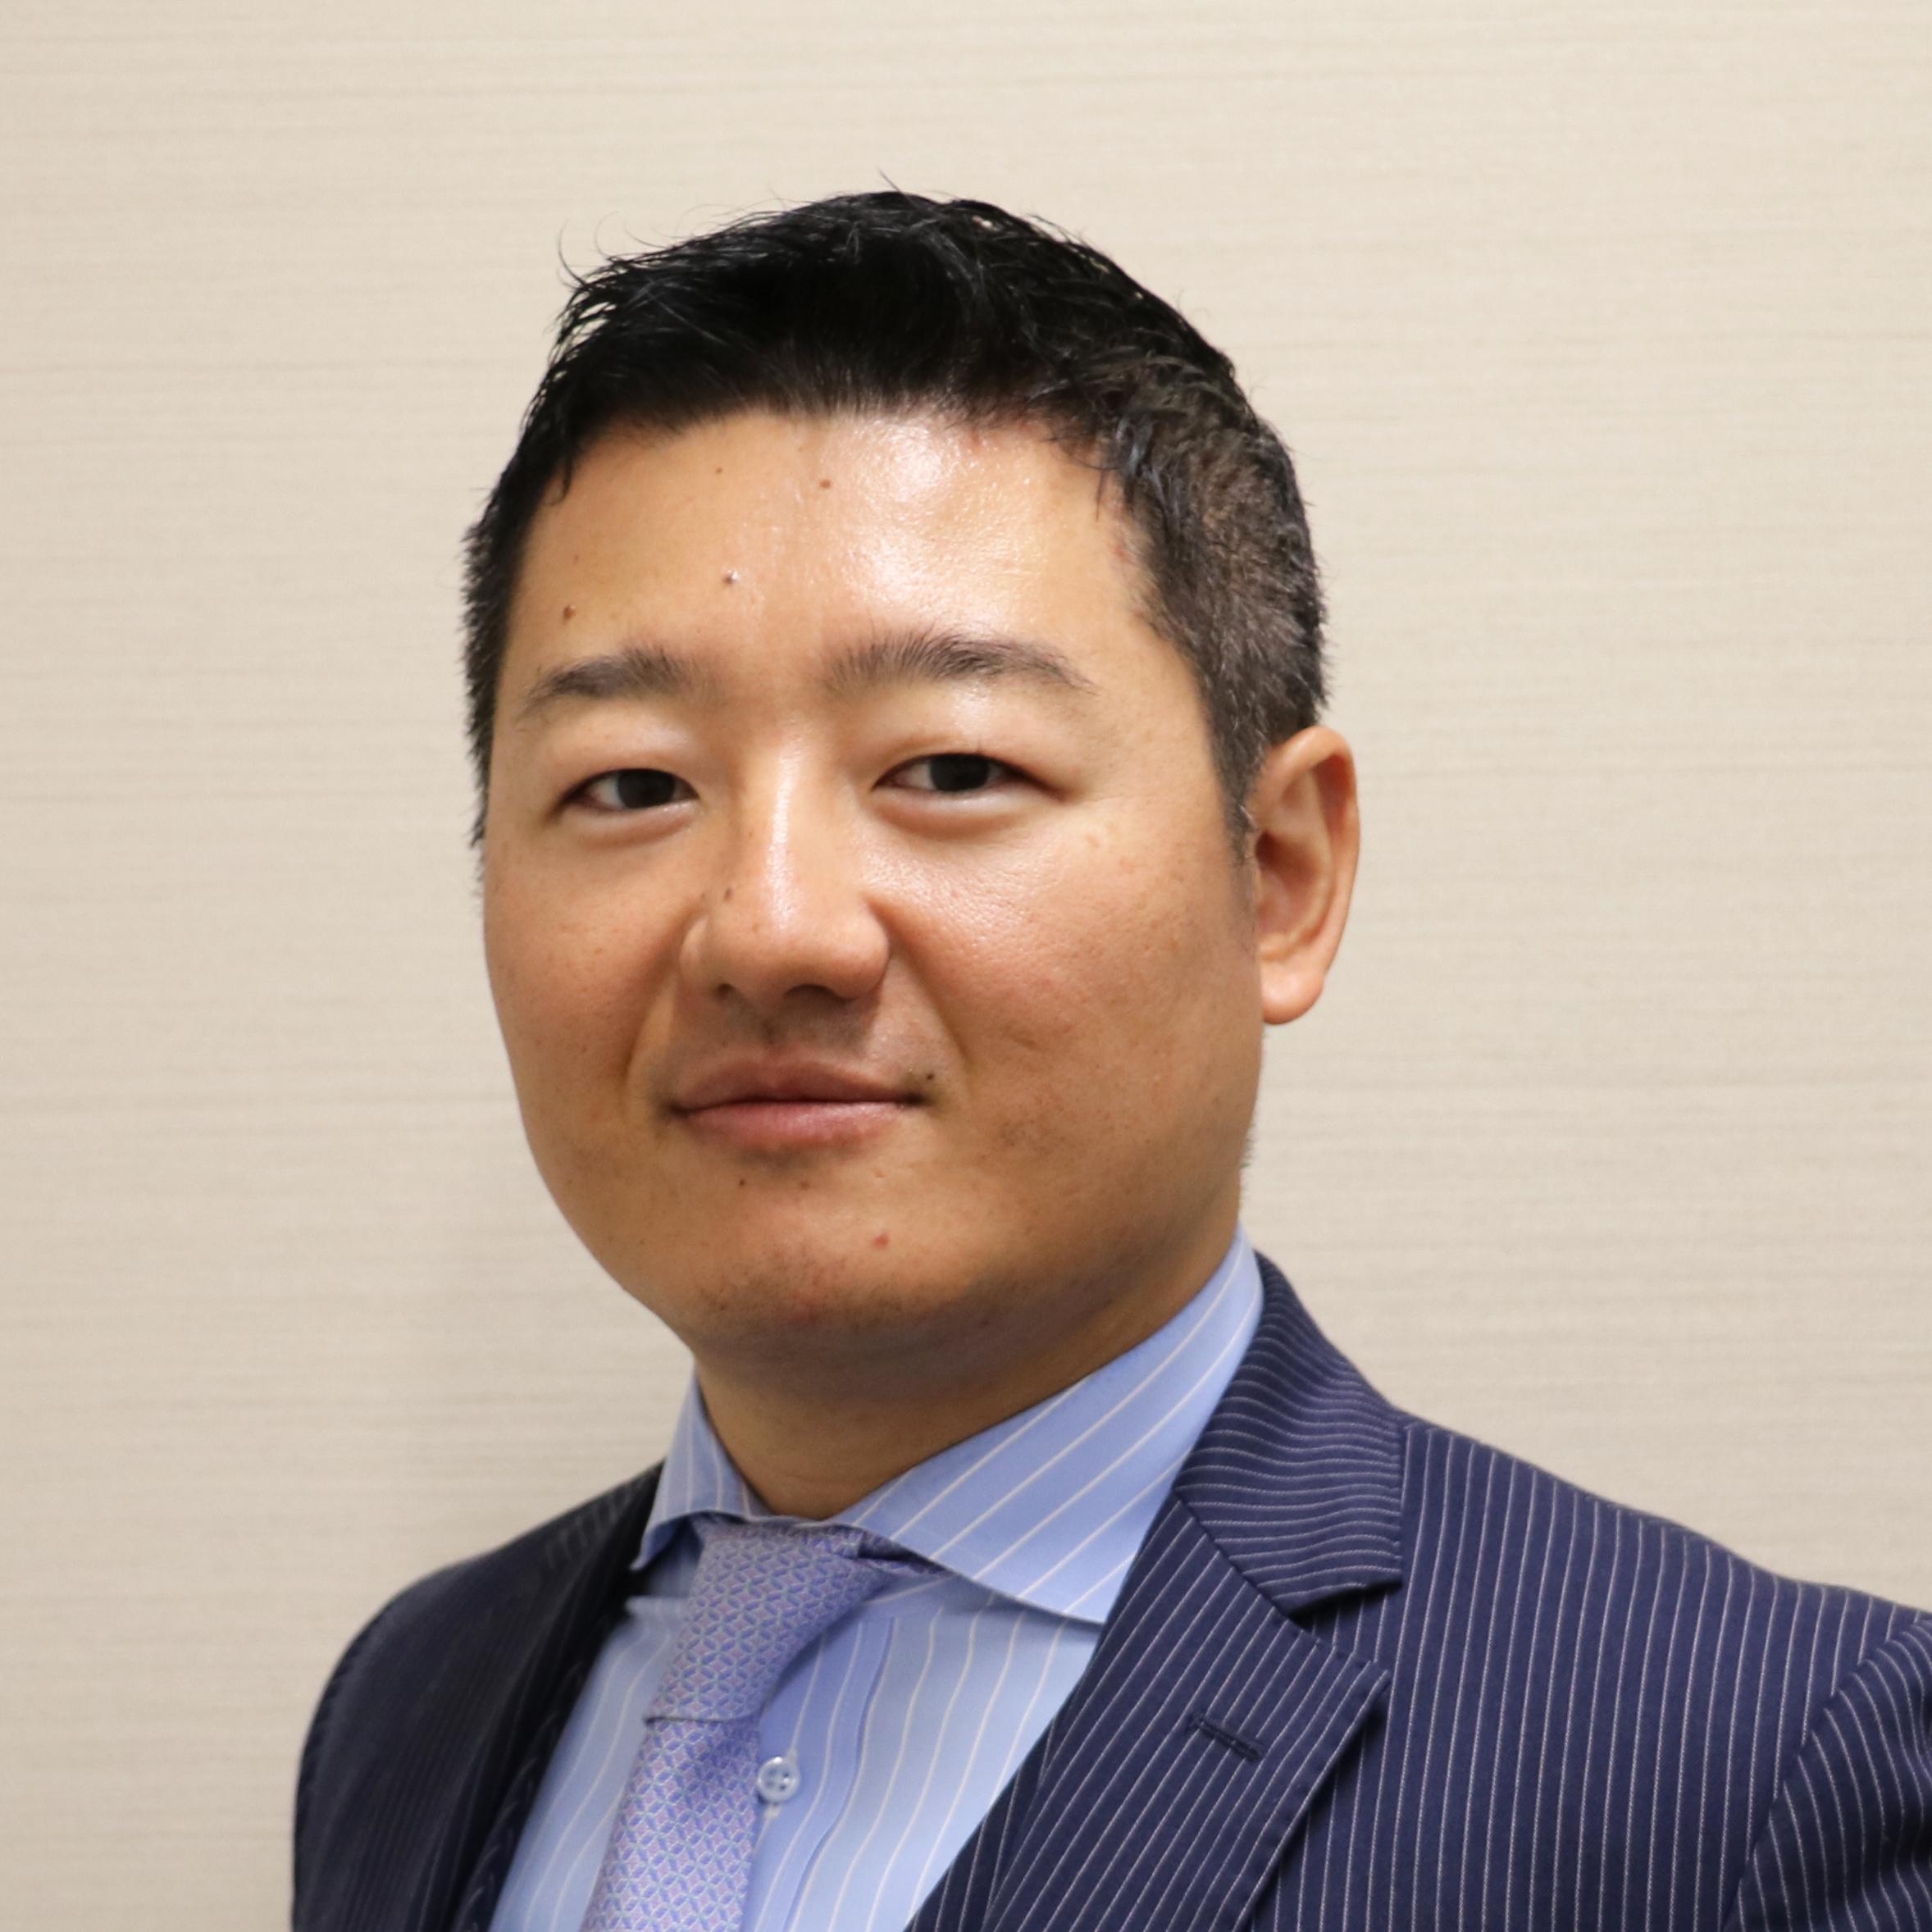 MATSUI, Yoshiaki